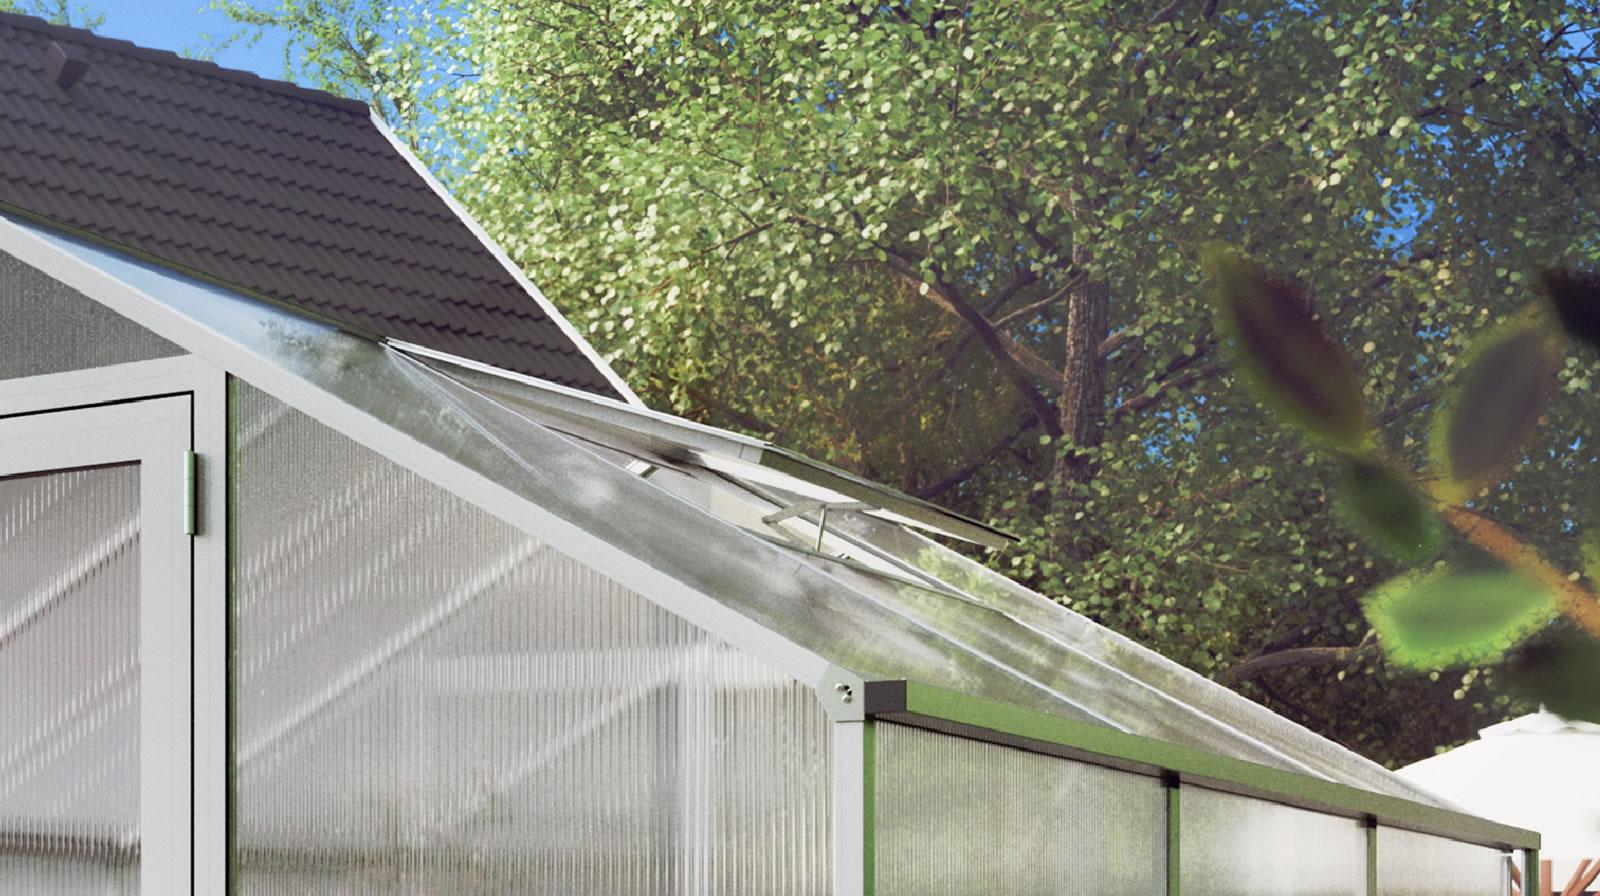 Zusätzliches Dachfenster für Rose / Orchidee / Lilie - pressblank